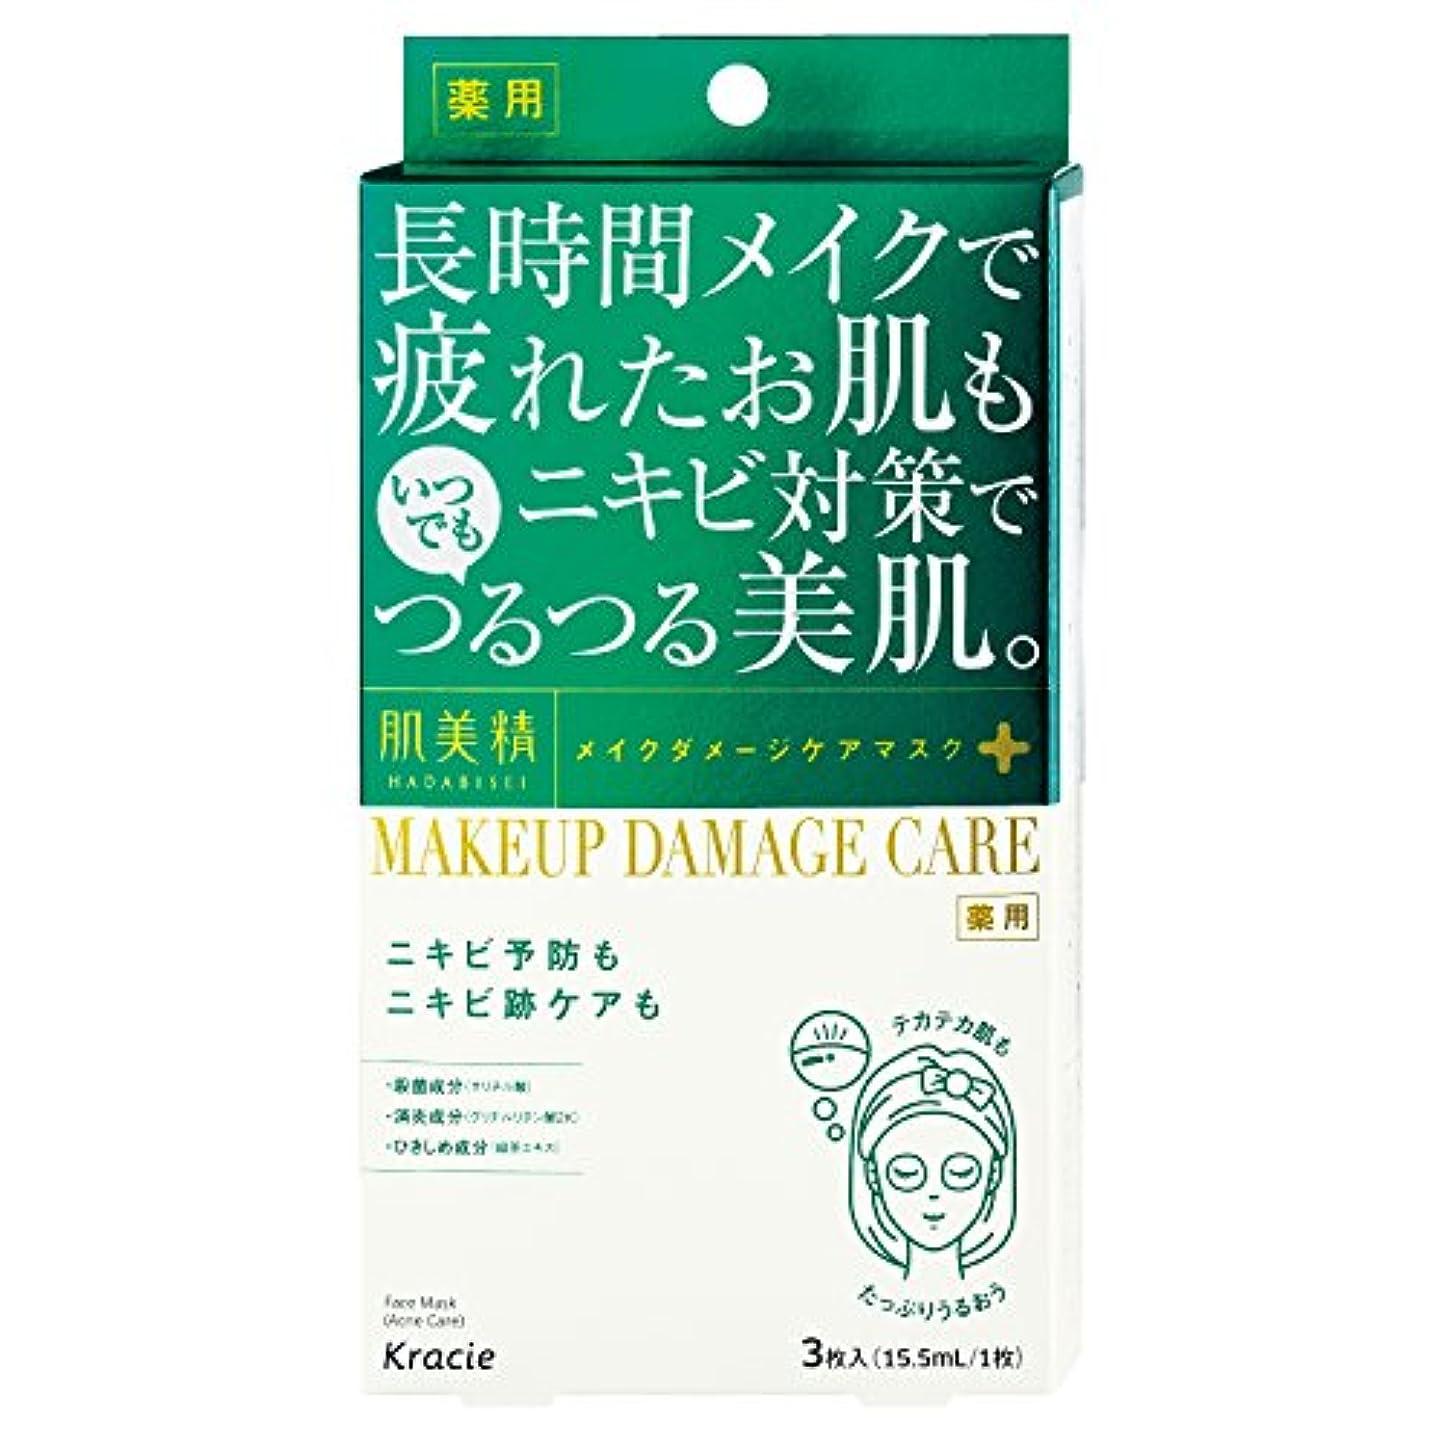 やさしいイースター促す肌美精 ビューティーケアマスク(ニキビ) [医薬部外品] 3枚